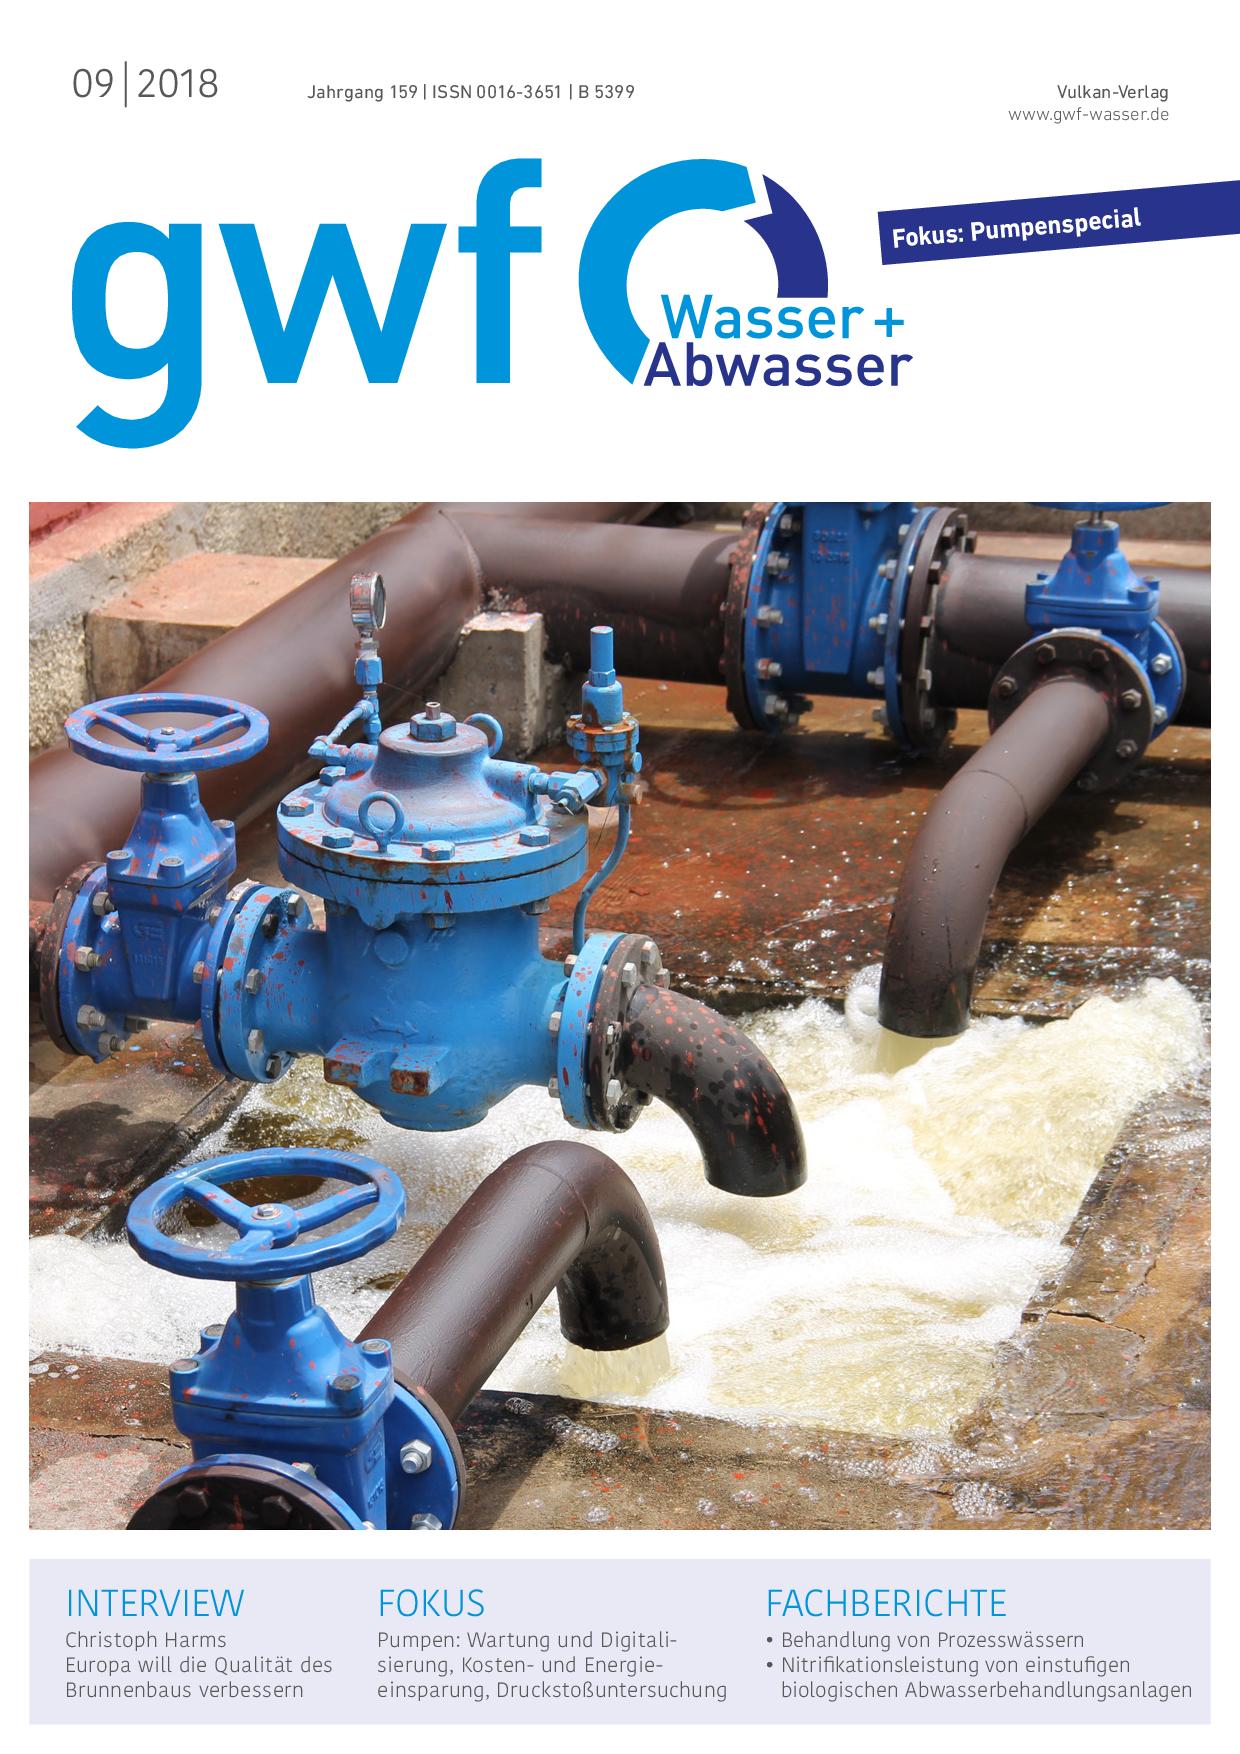 gwf – Wasser|Abwasser – 09 2018